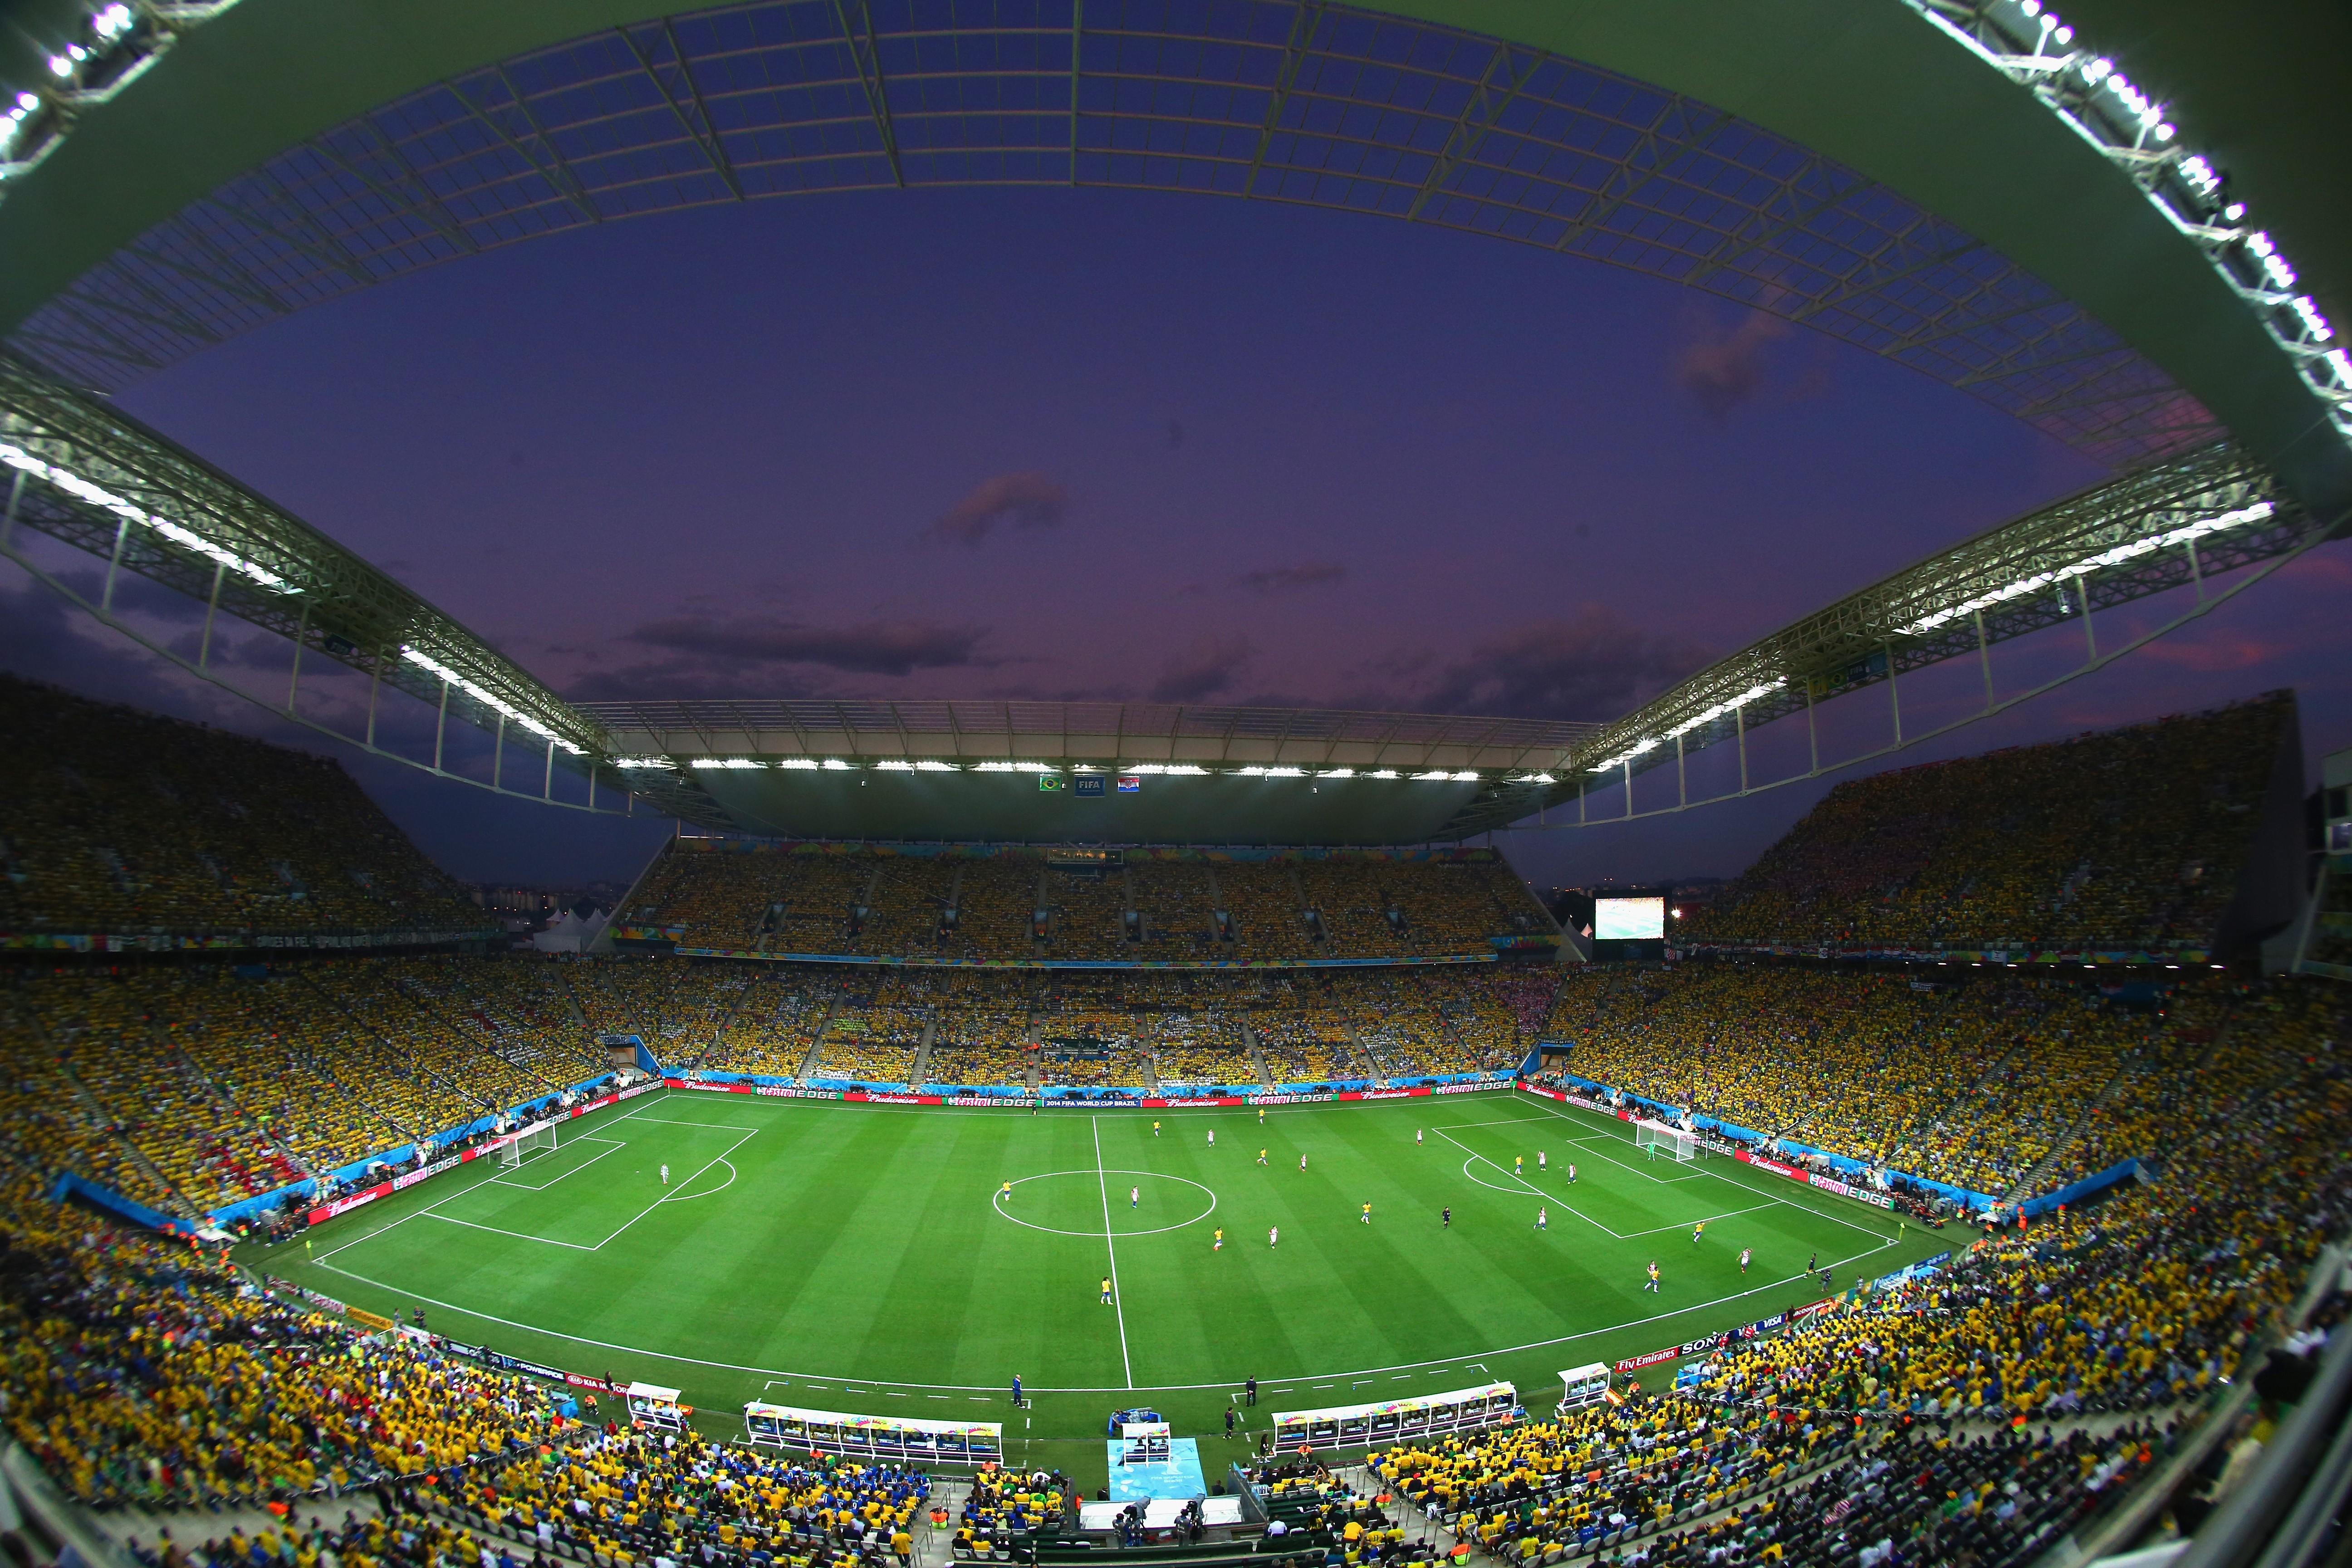 Бразилія - Хорватія 3:1. Автогол, суддя, Бразилія - изображение 3